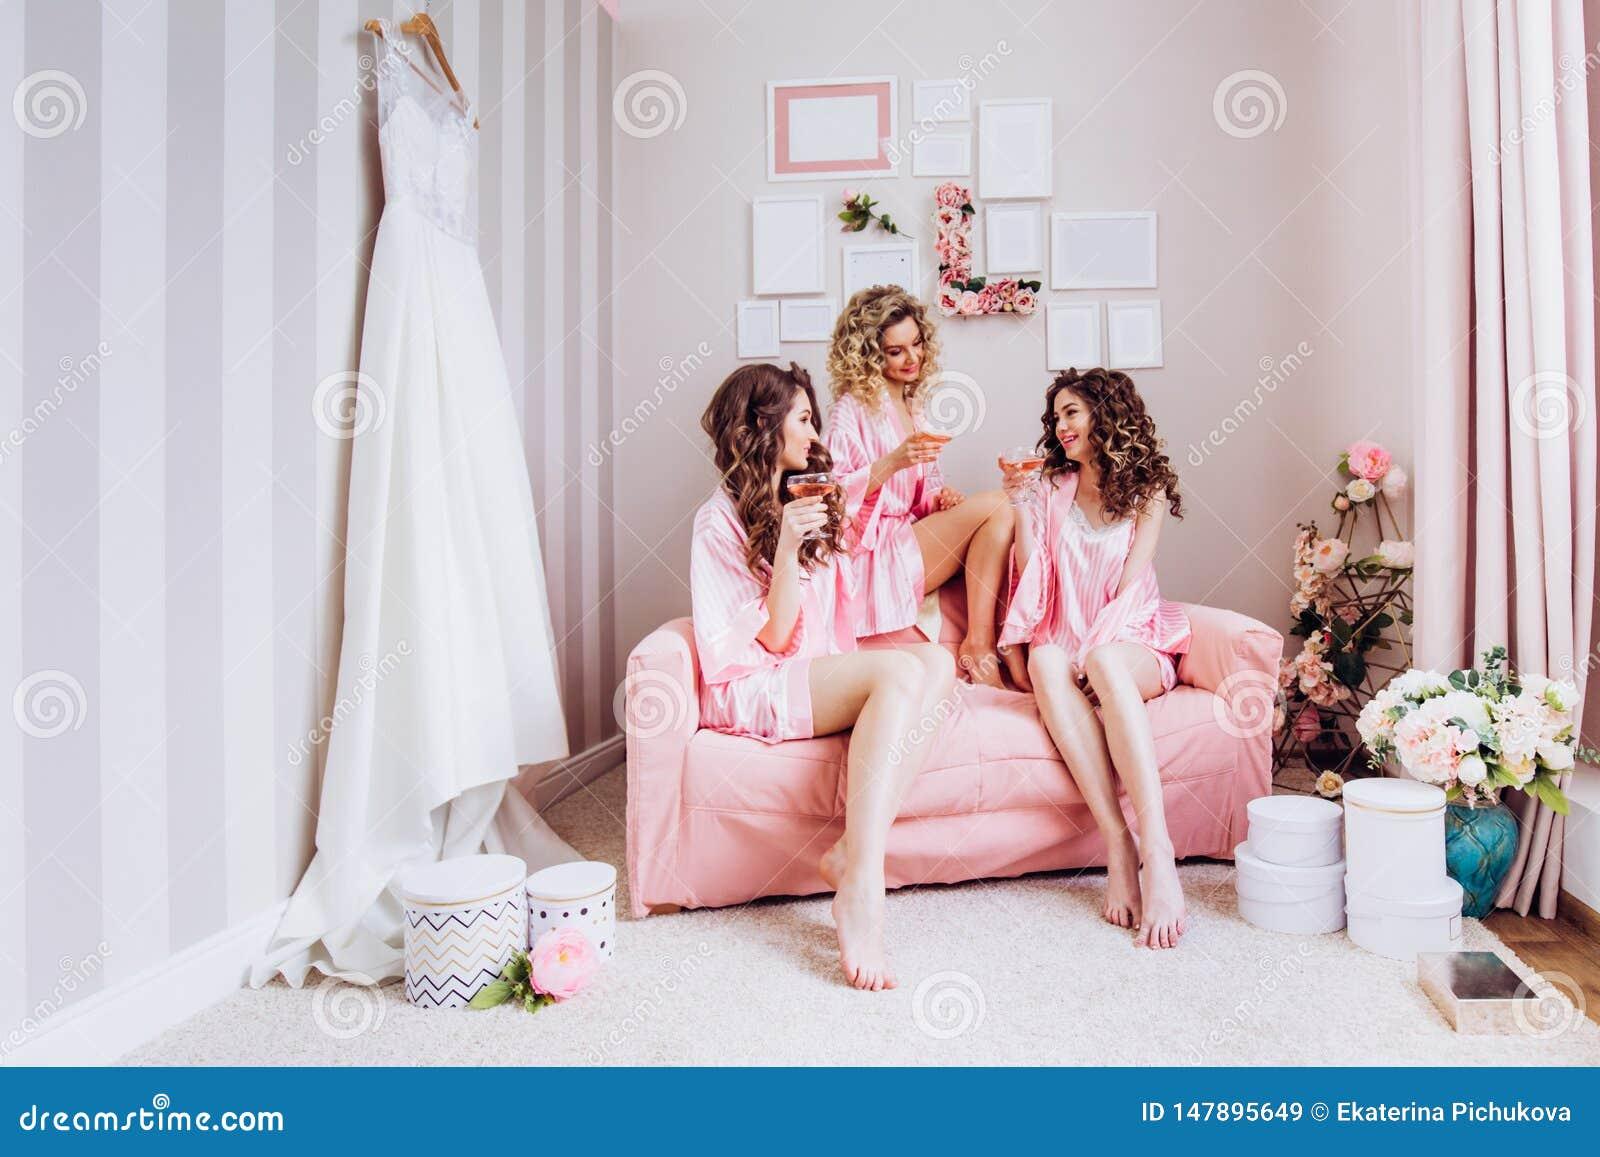 Партия для девушек Девушки выпивают розовое шампанское перед свадебной церемонией в розовых пижамах